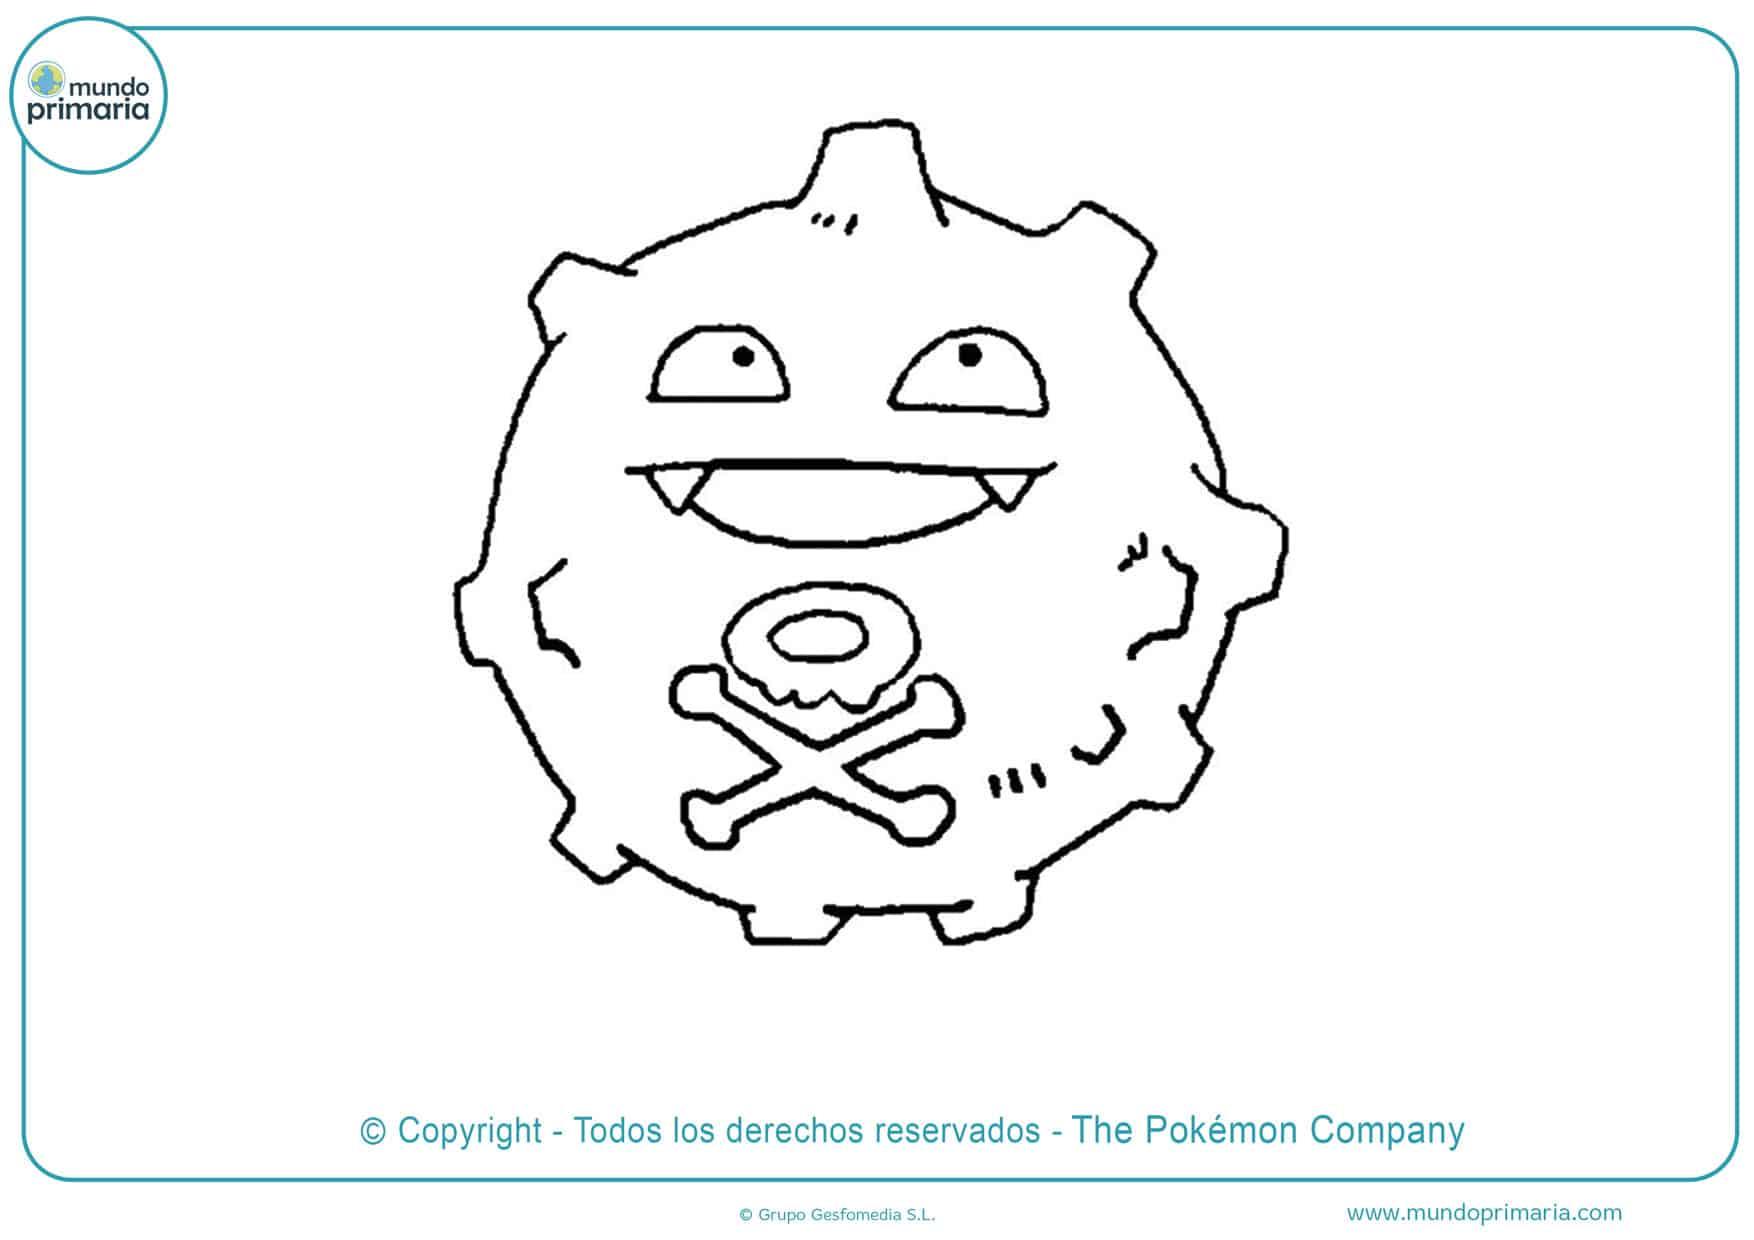 Dibujos De Pokemon En Color: Dibujos De Pokémon Para Colorear【Fáciles De Imprimir】